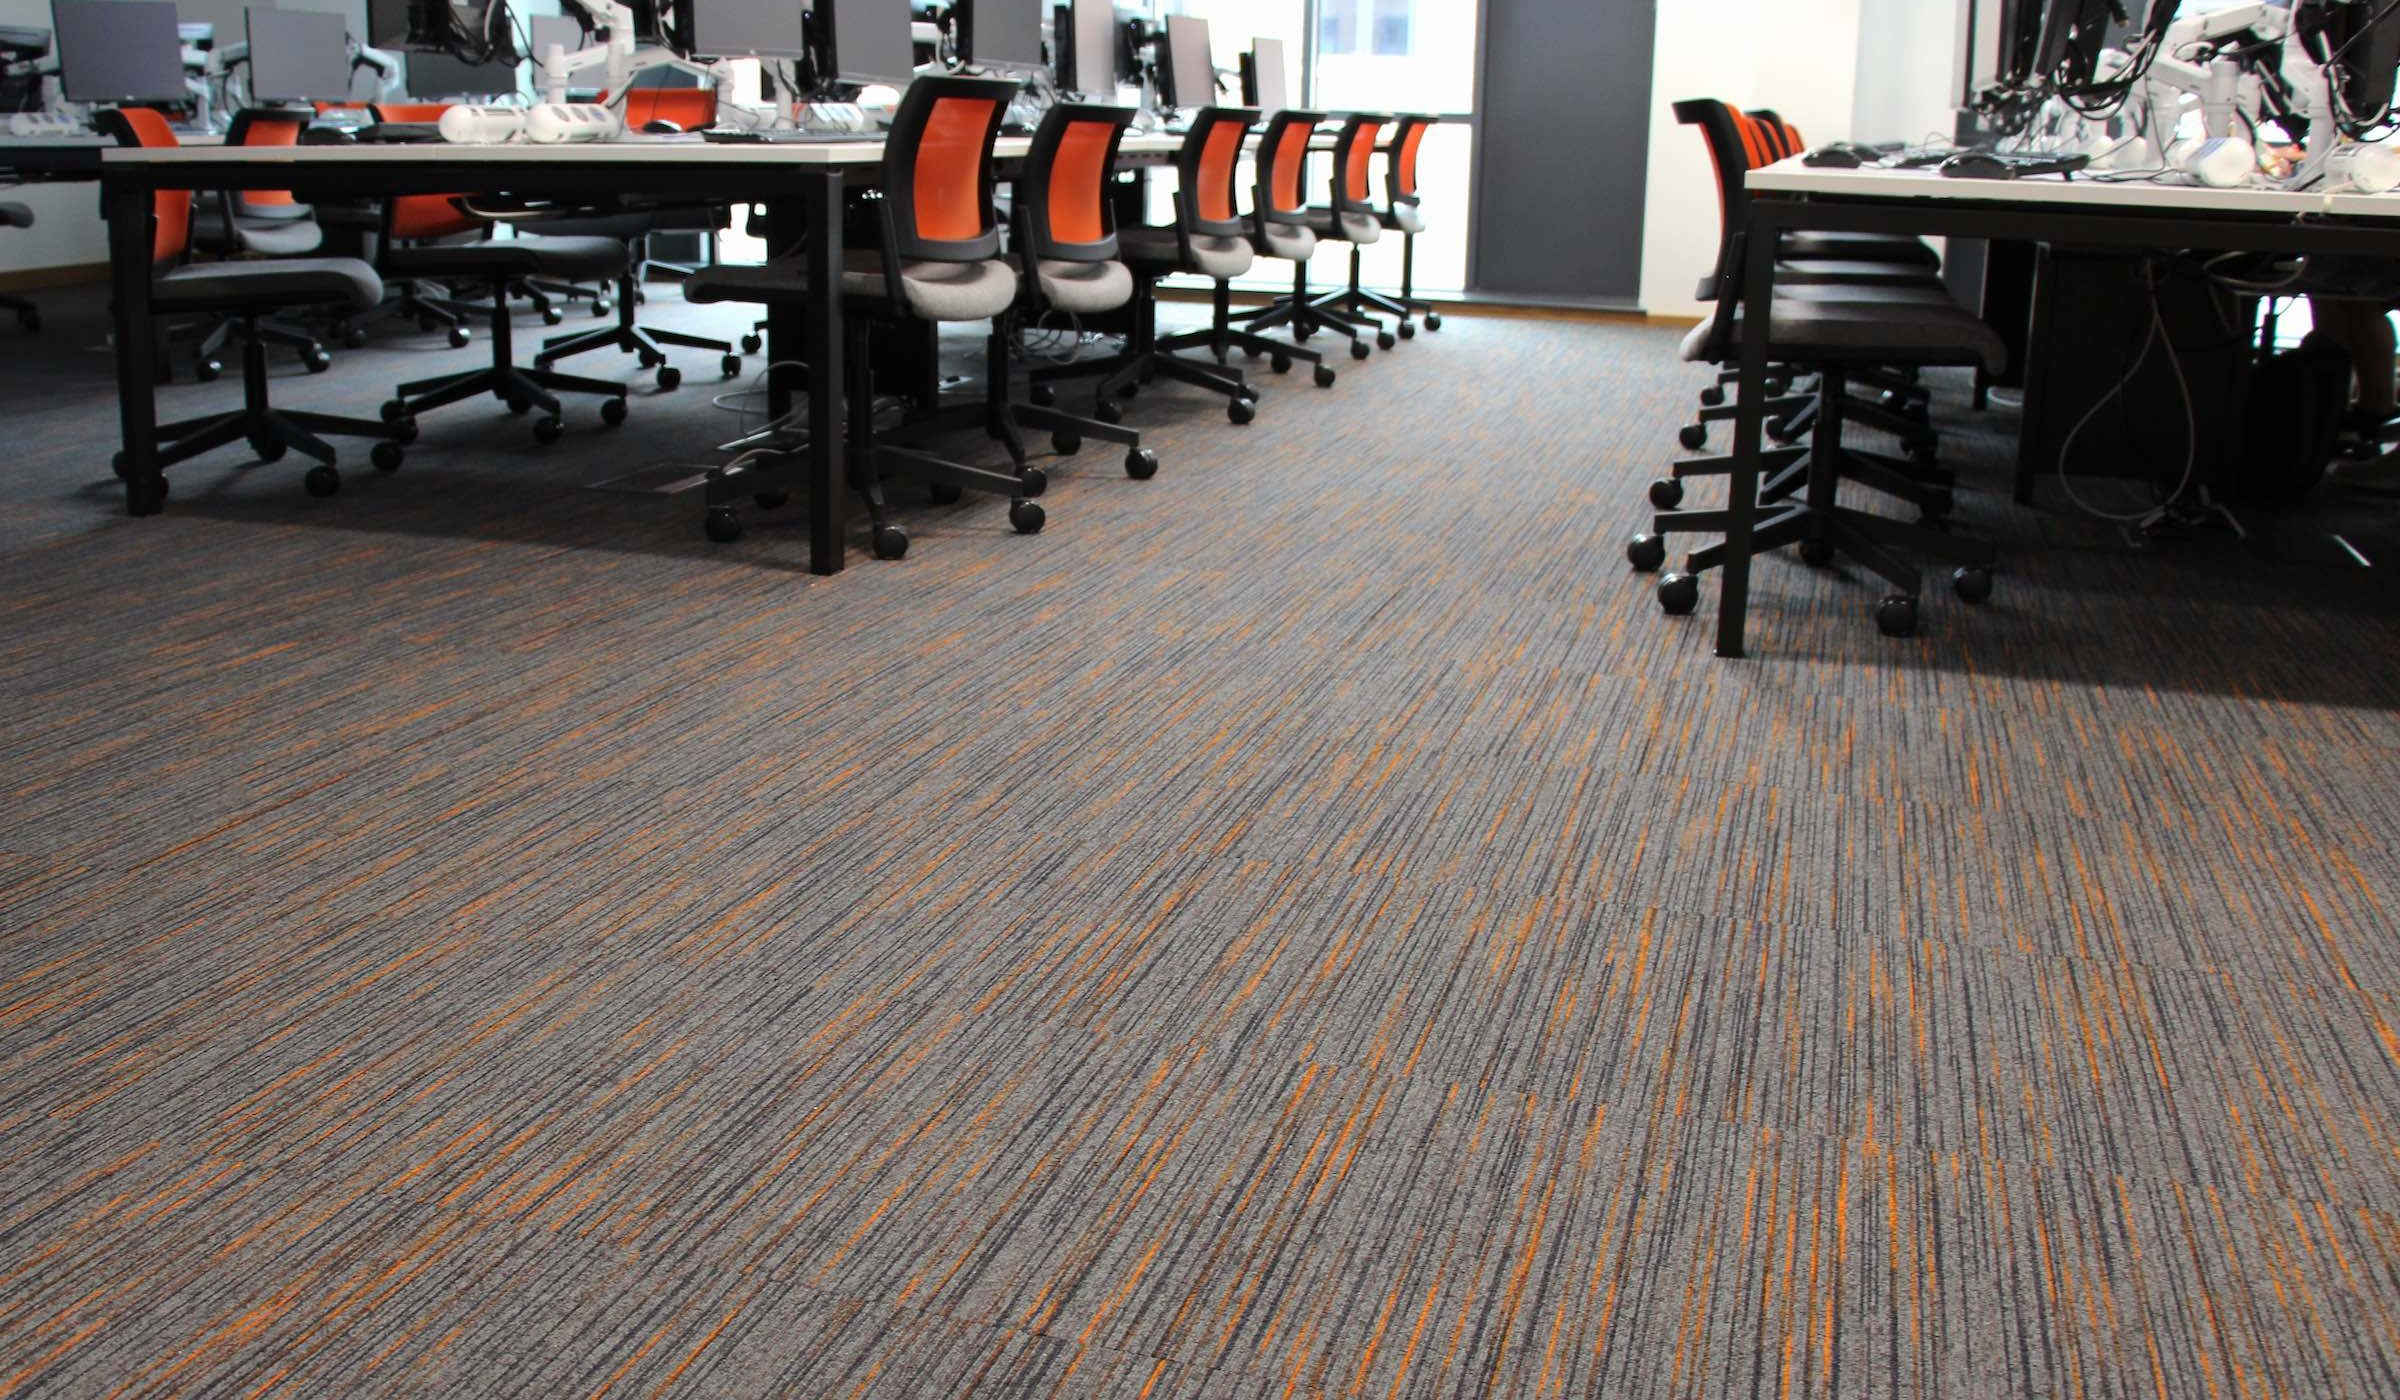 Strobe | Paragon Carpet Tiles | Commercial Carpet Tiles | Design Carpet Tiles 4